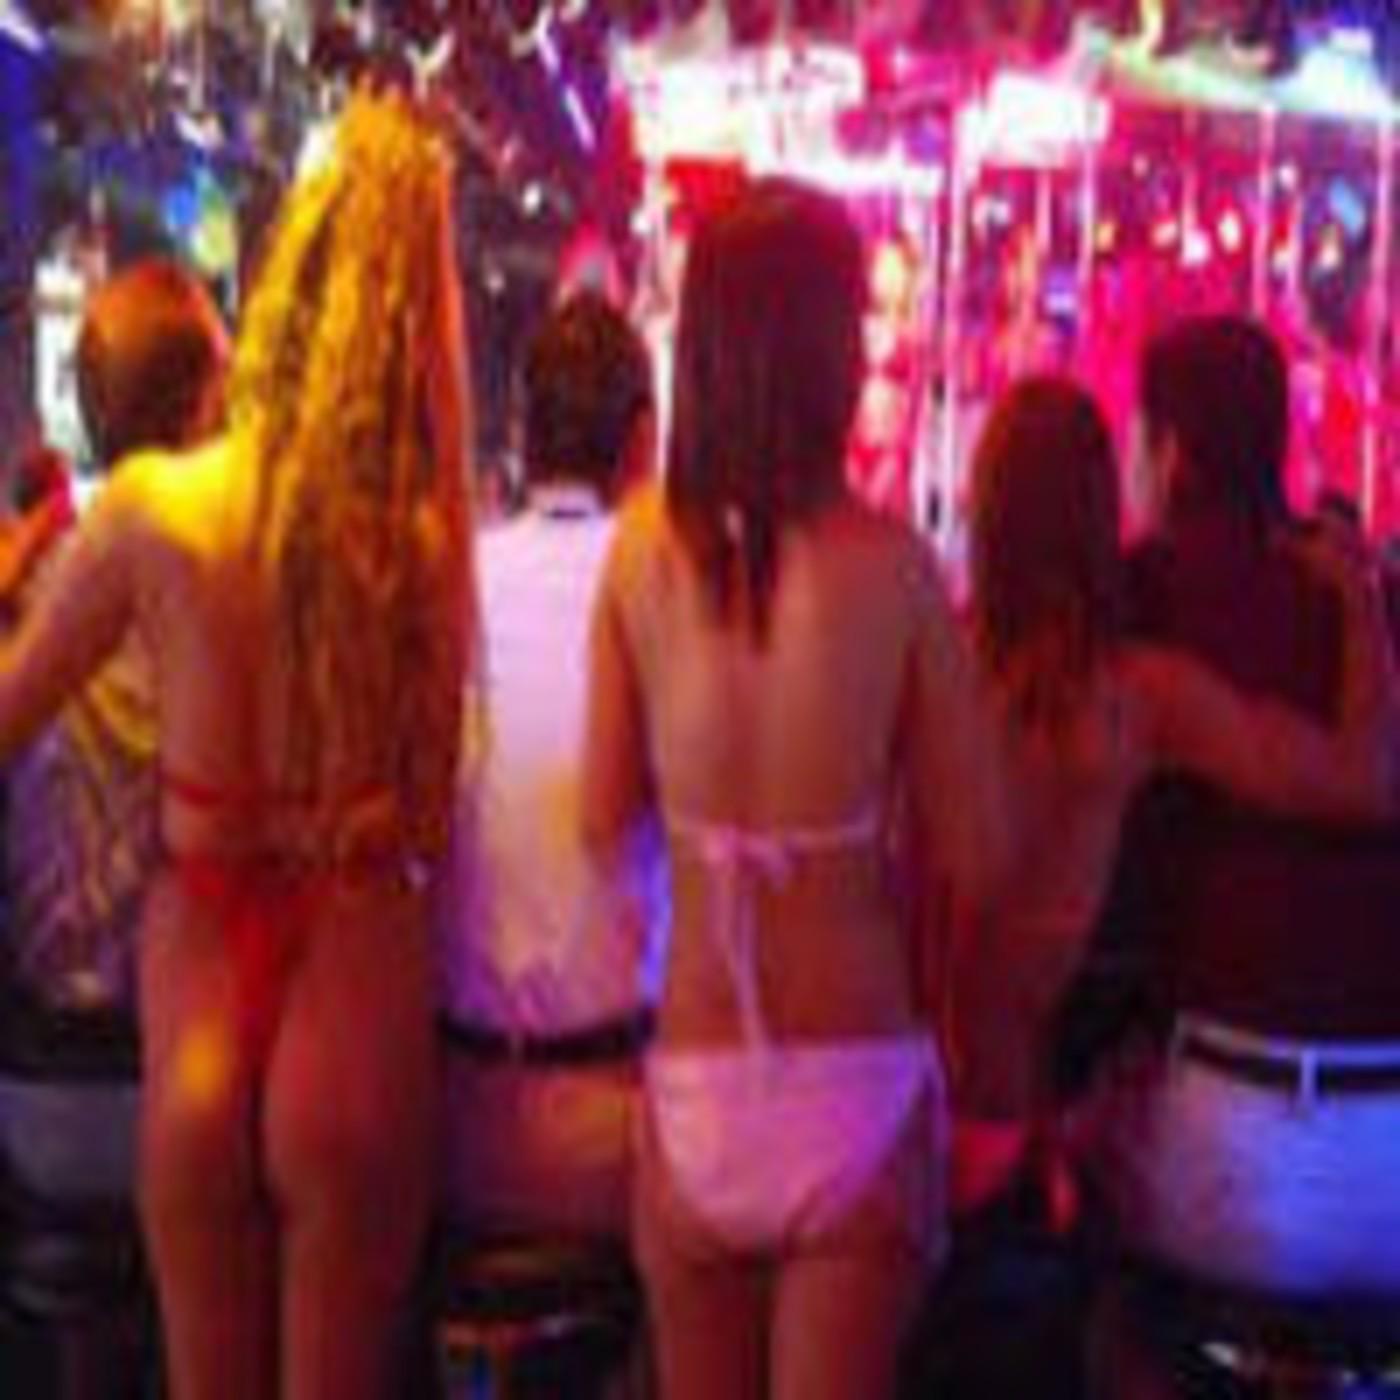 Bar De Putas lamentables - bares de putas en las canciones insoportables